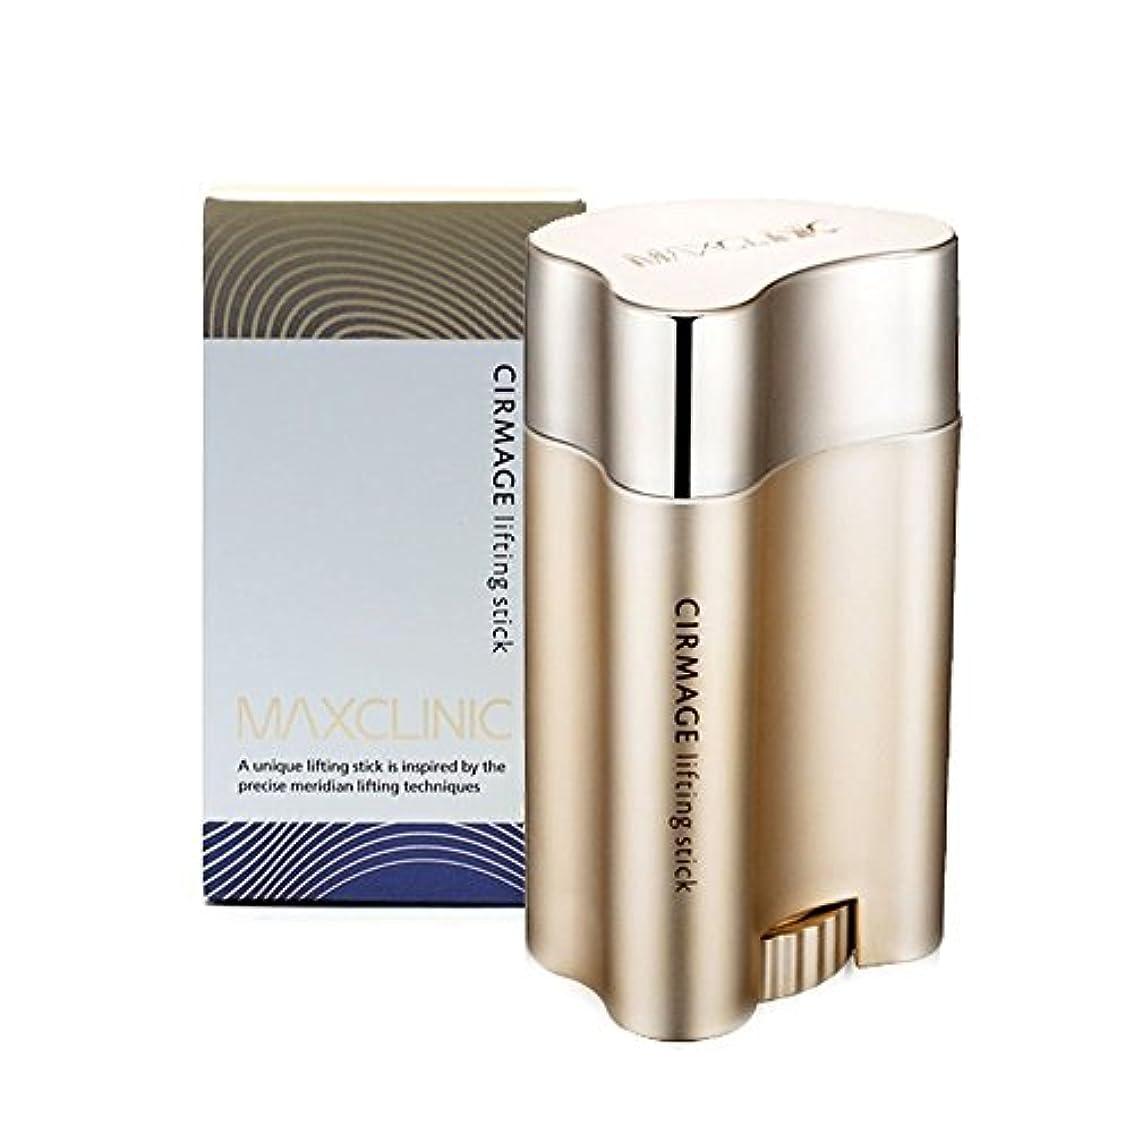 ファーザーファージュカメ飢えMAXCLINIC マックスクリニック サーメージ リフティング スティック 23g(Cirmage Lifting Stick 23g)/Direct from Korea/w free Gift Sample [並行輸入品]